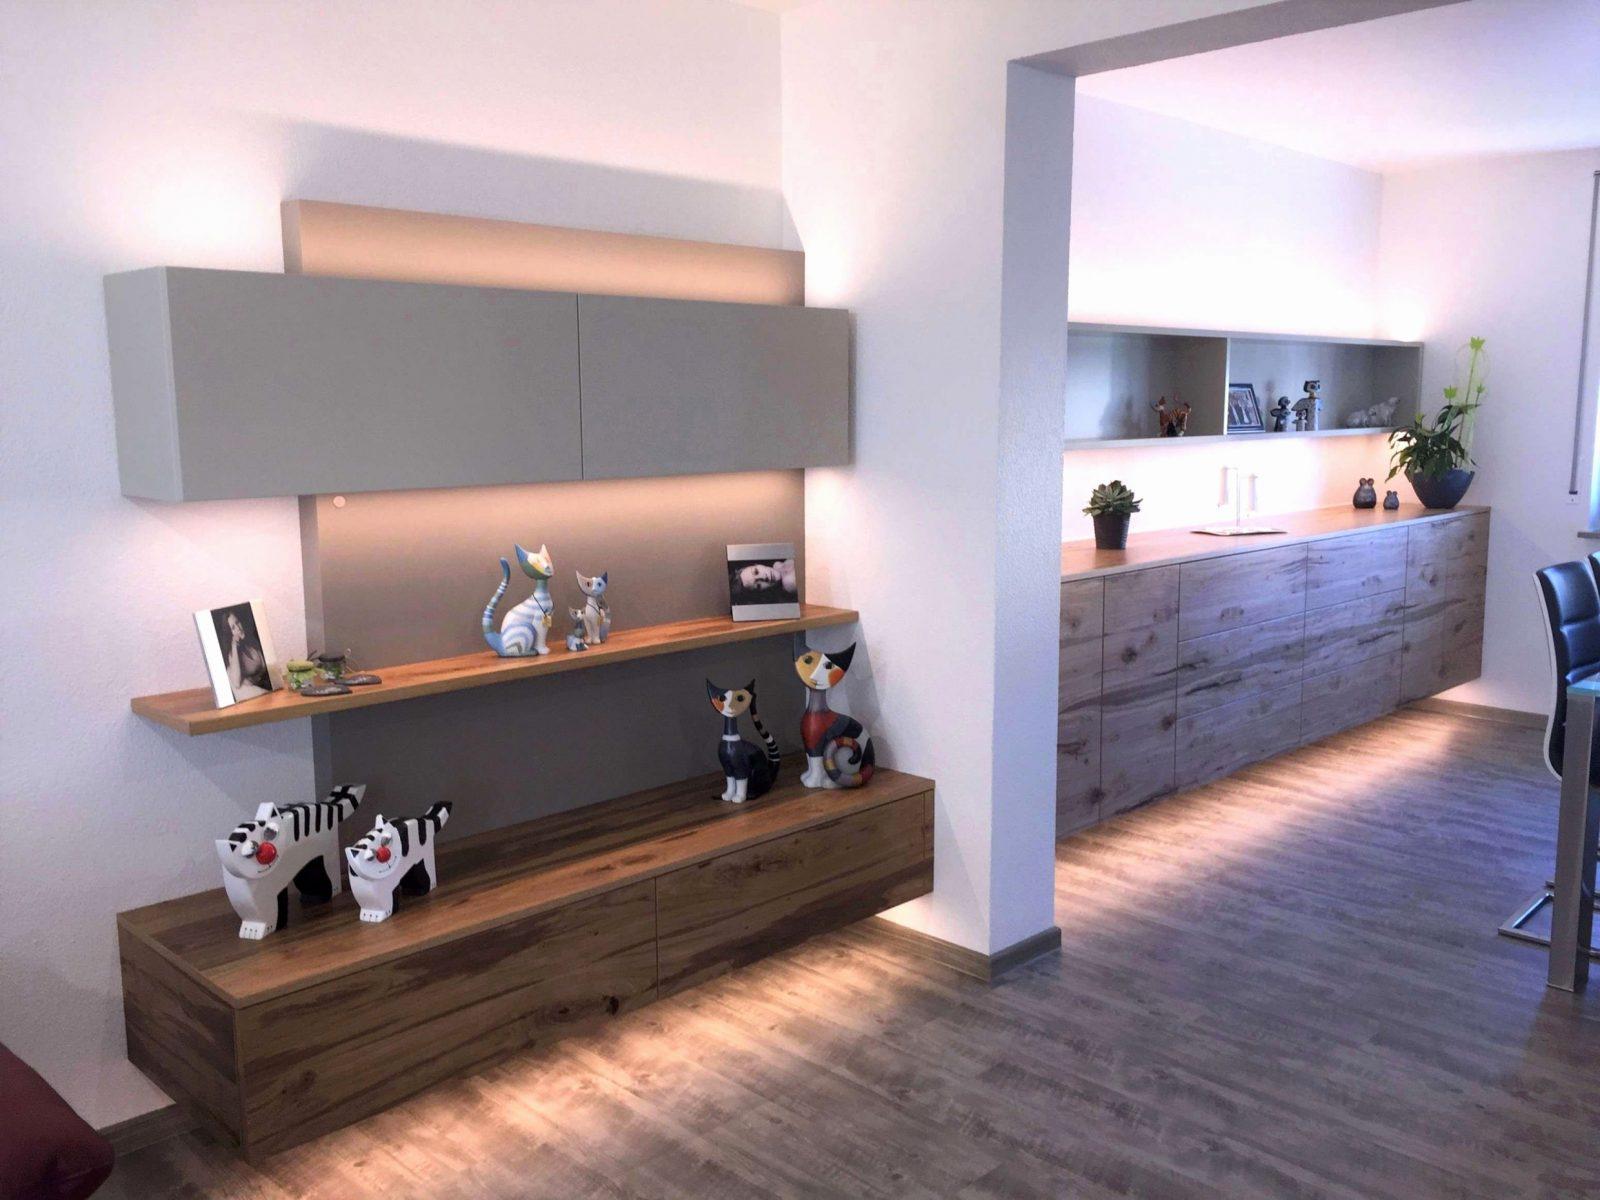 40 Qm Wohnung Einrichten Inspirierend Wohnzimmer Einrichten Ideen von 40 Qm Wohnung Einrichten Photo